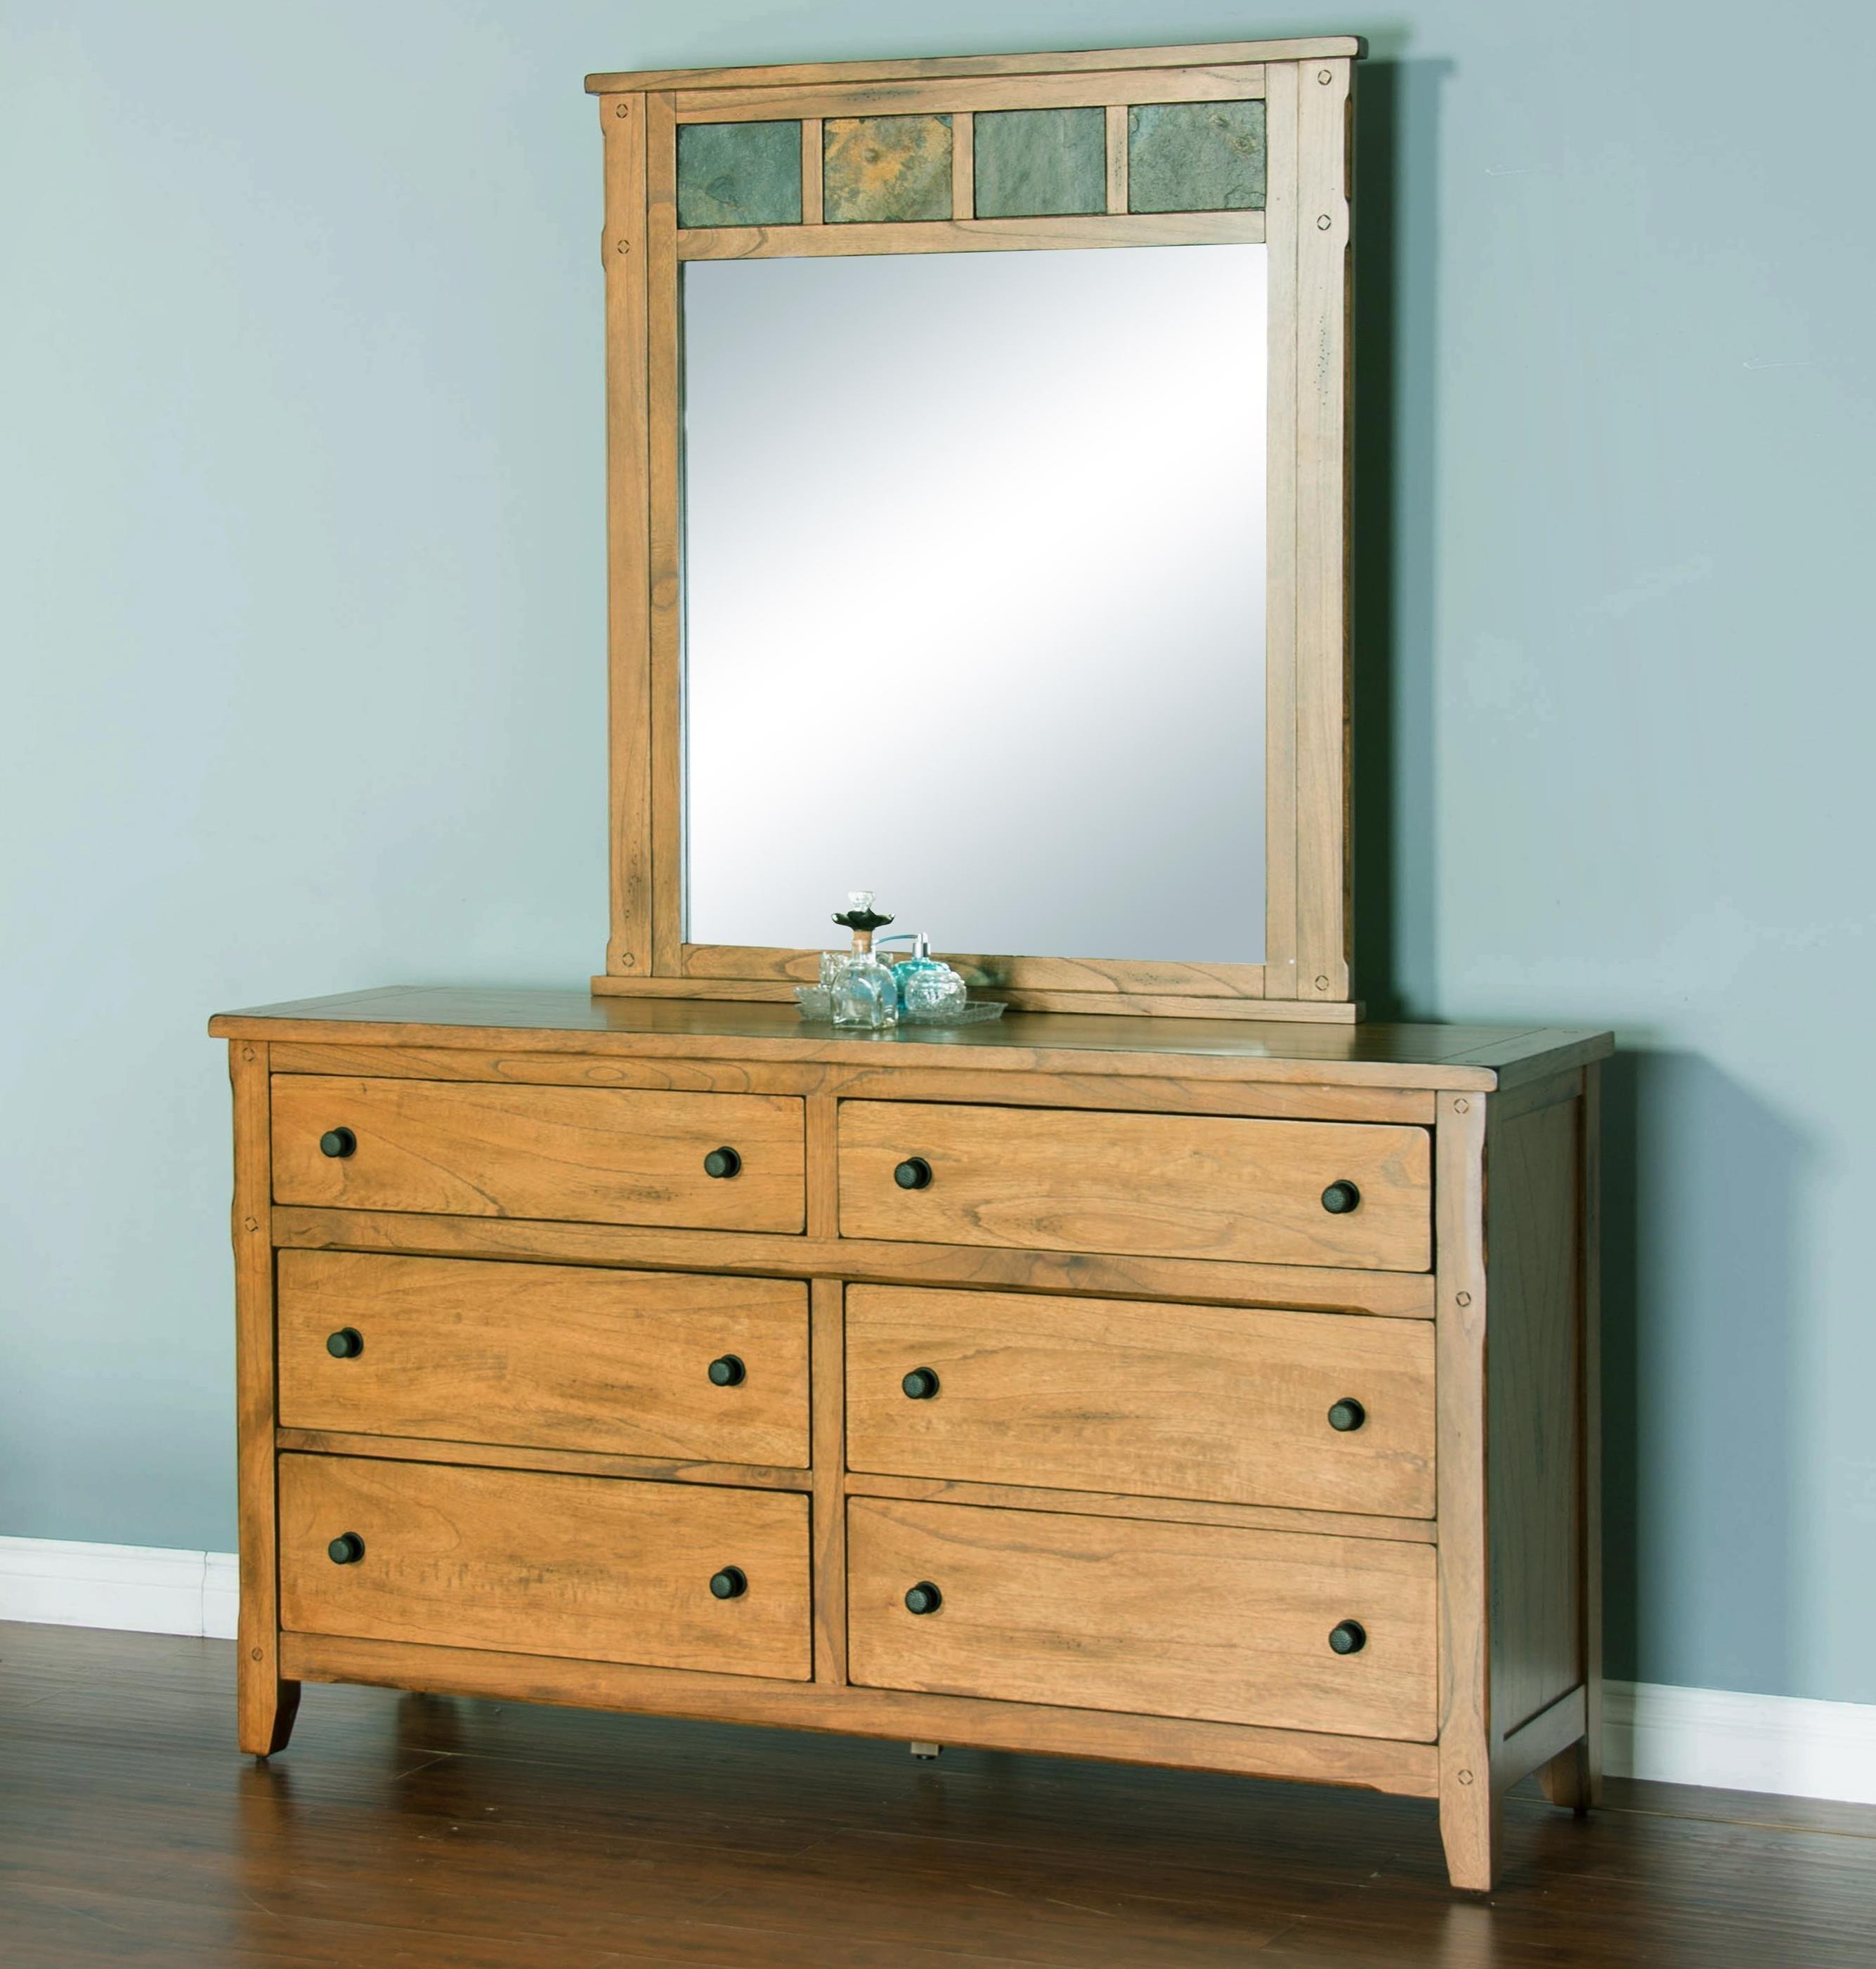 Sunny Designs Sedona Dresser & Mirror - Item Number: 2334RO-D+M